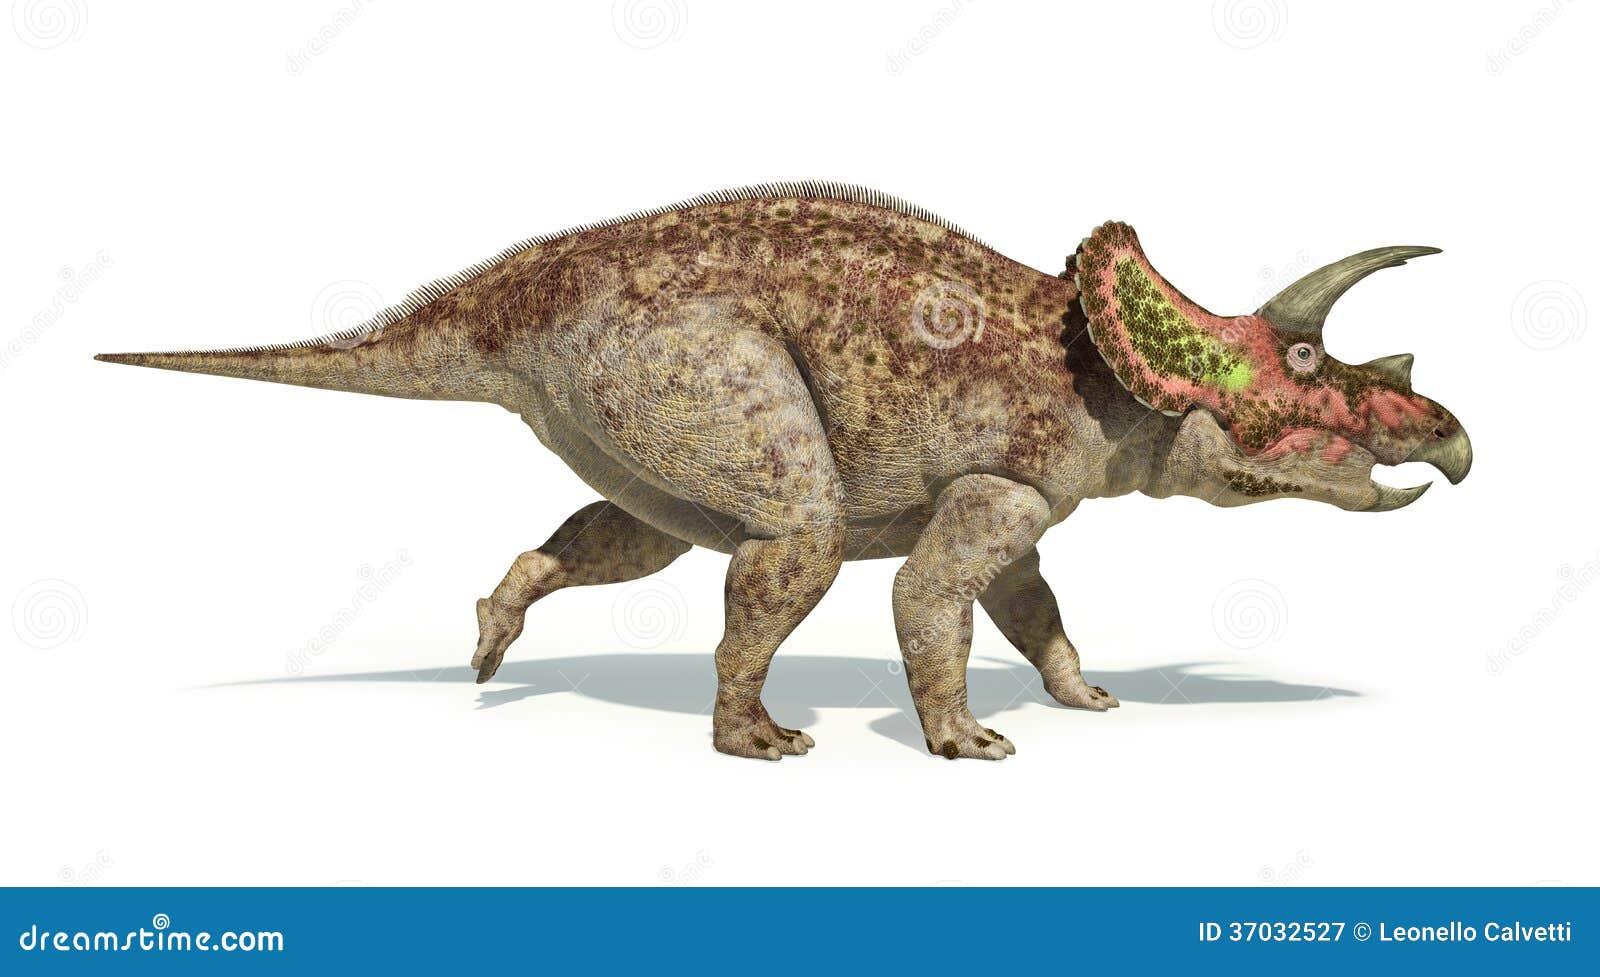 R динозавра трицератопс photorealistic и научно правильный